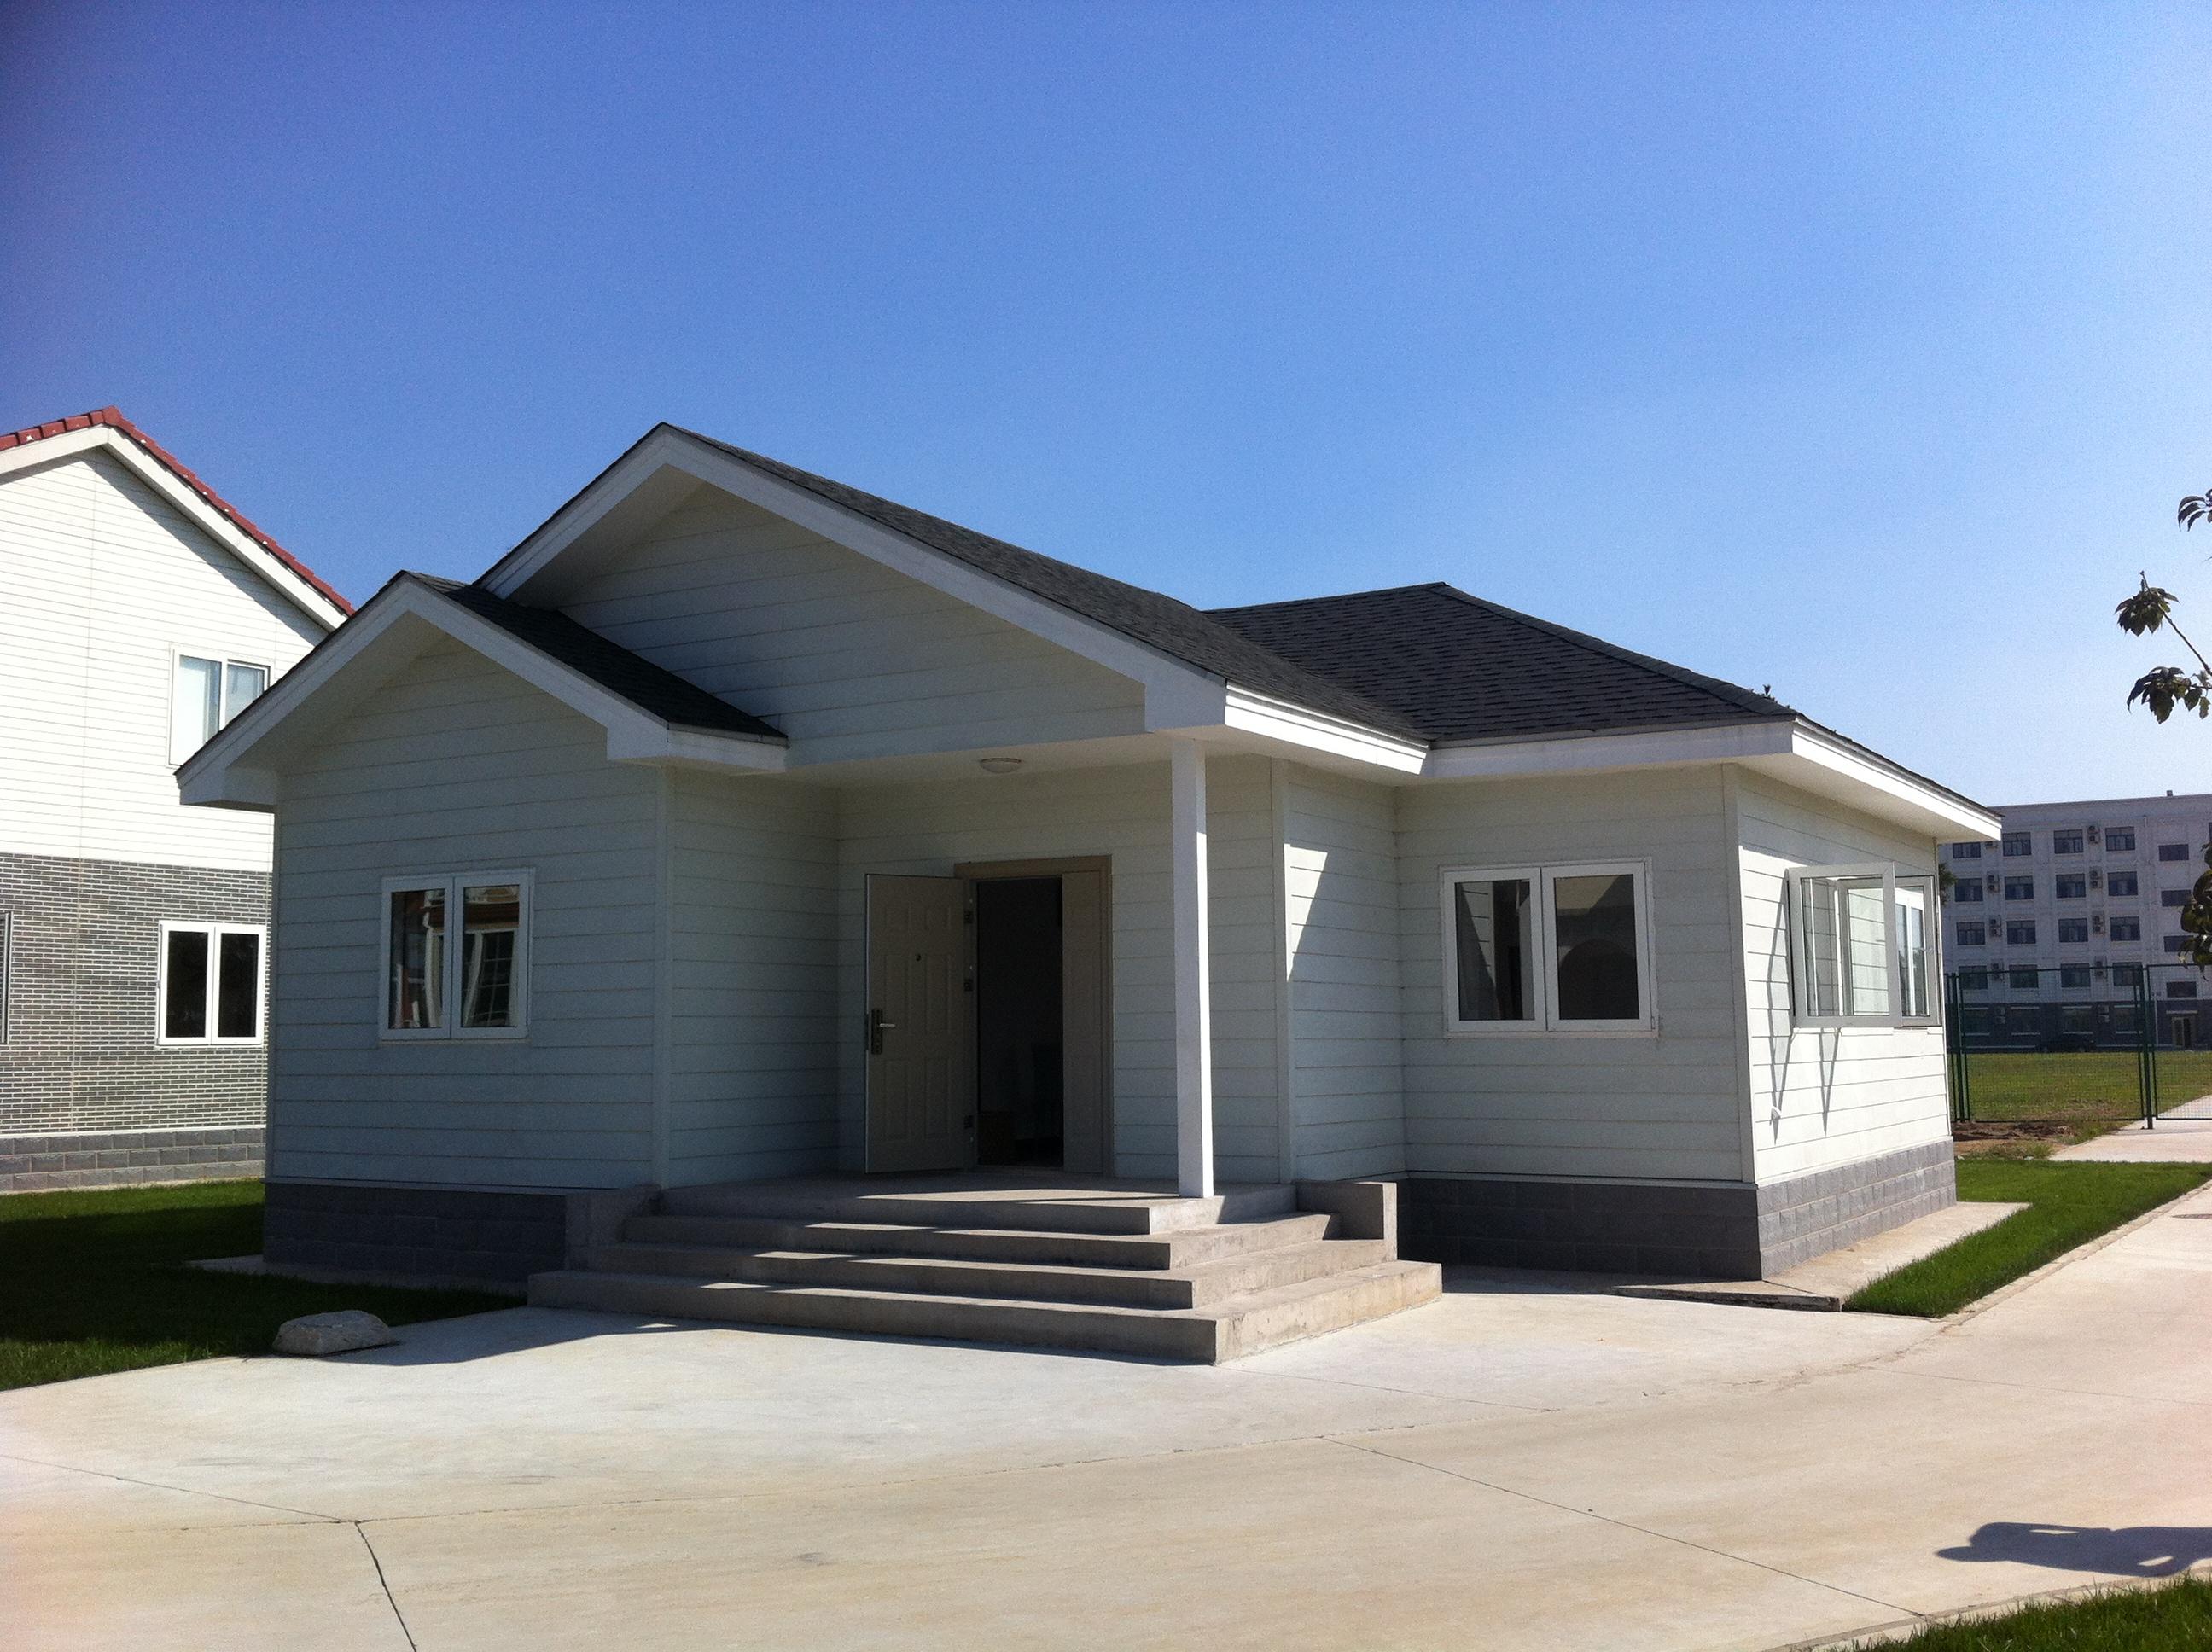 Compre casa de poca altura con estructura ligera de acero seg n precio tama o peso modelo o - Casas de acero precios ...